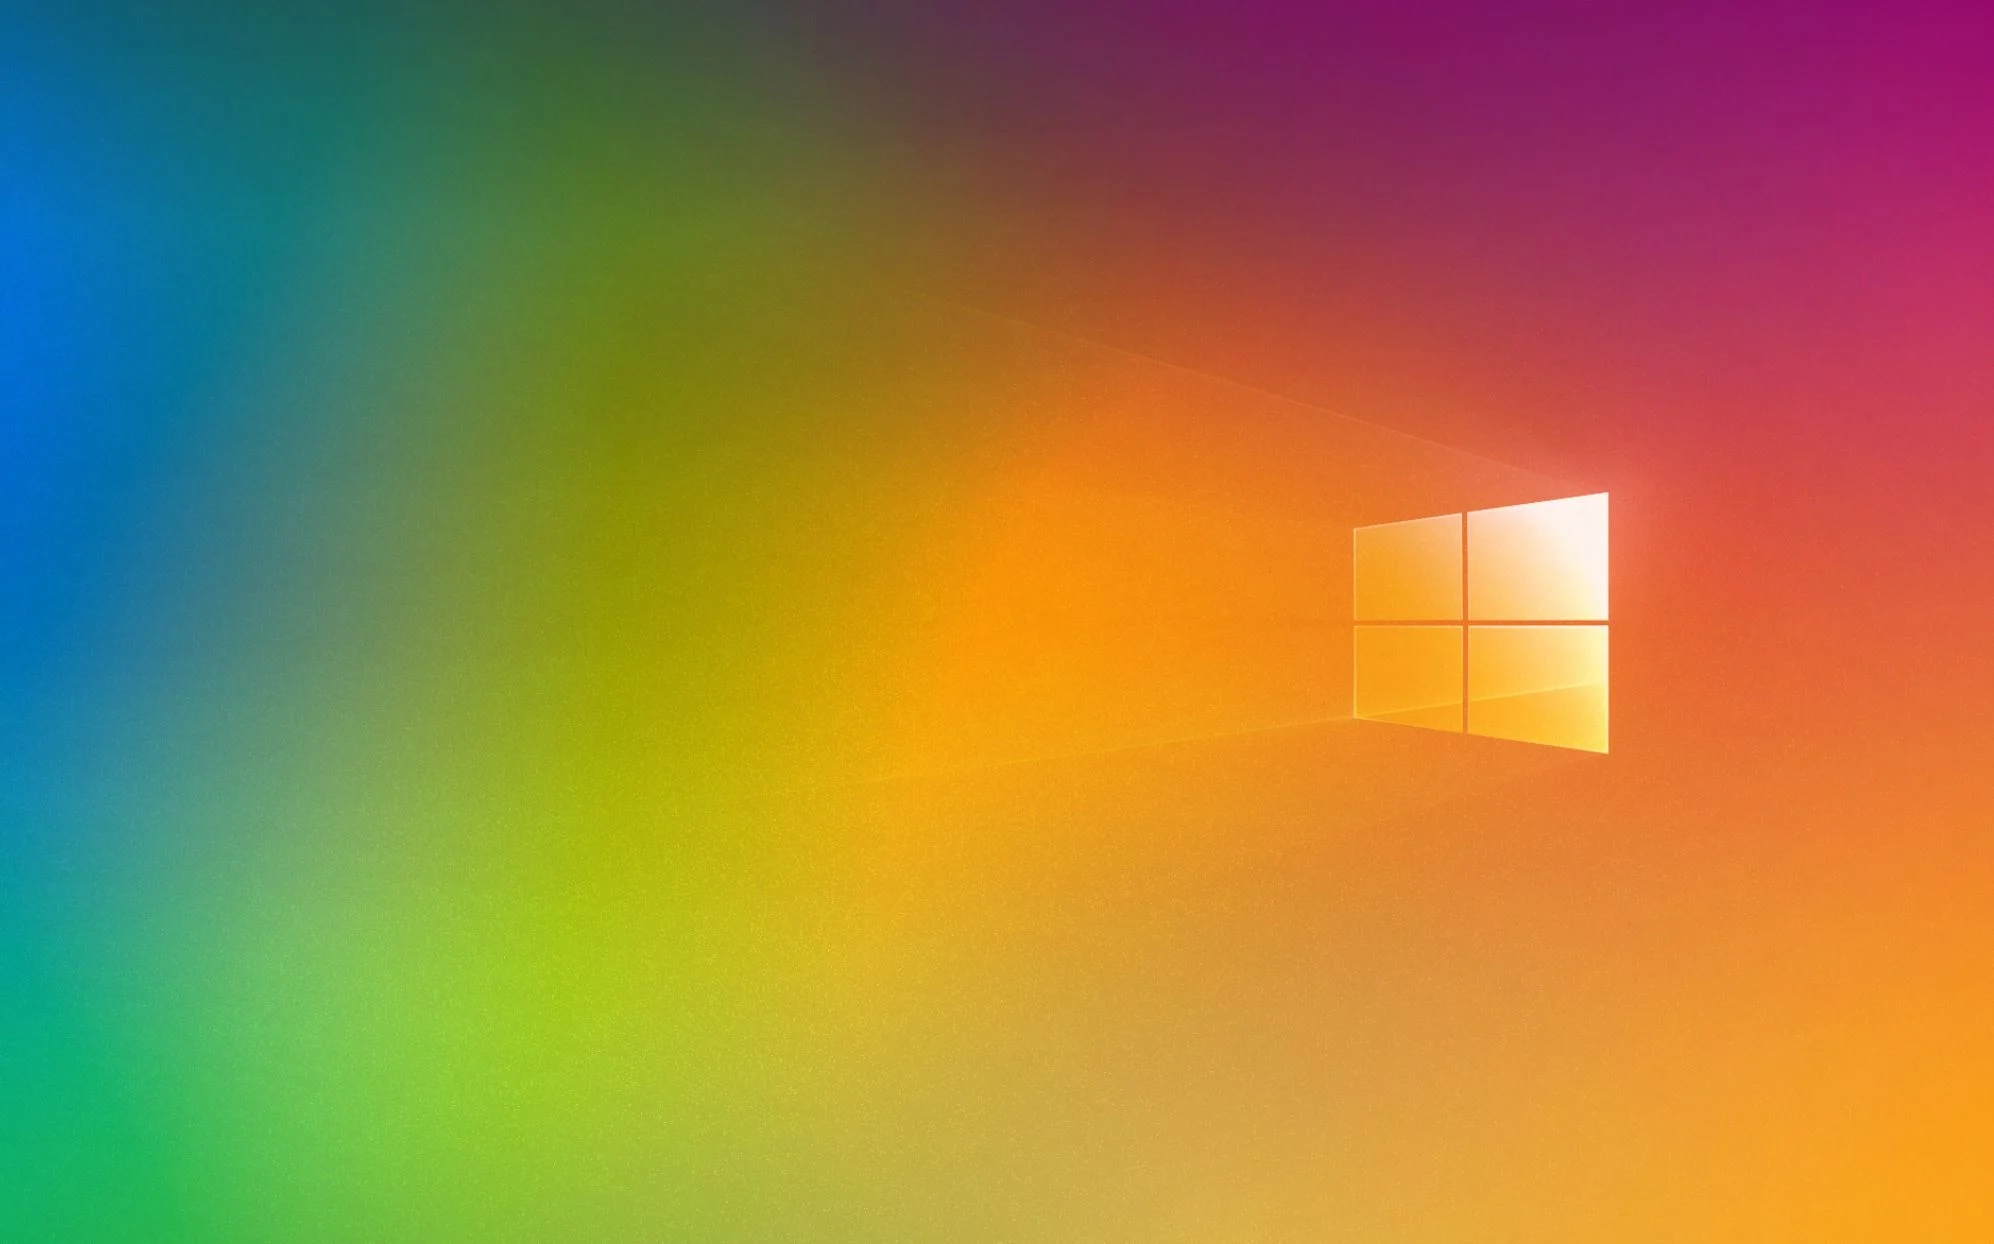 Microsoft Windows wallpaper colorido